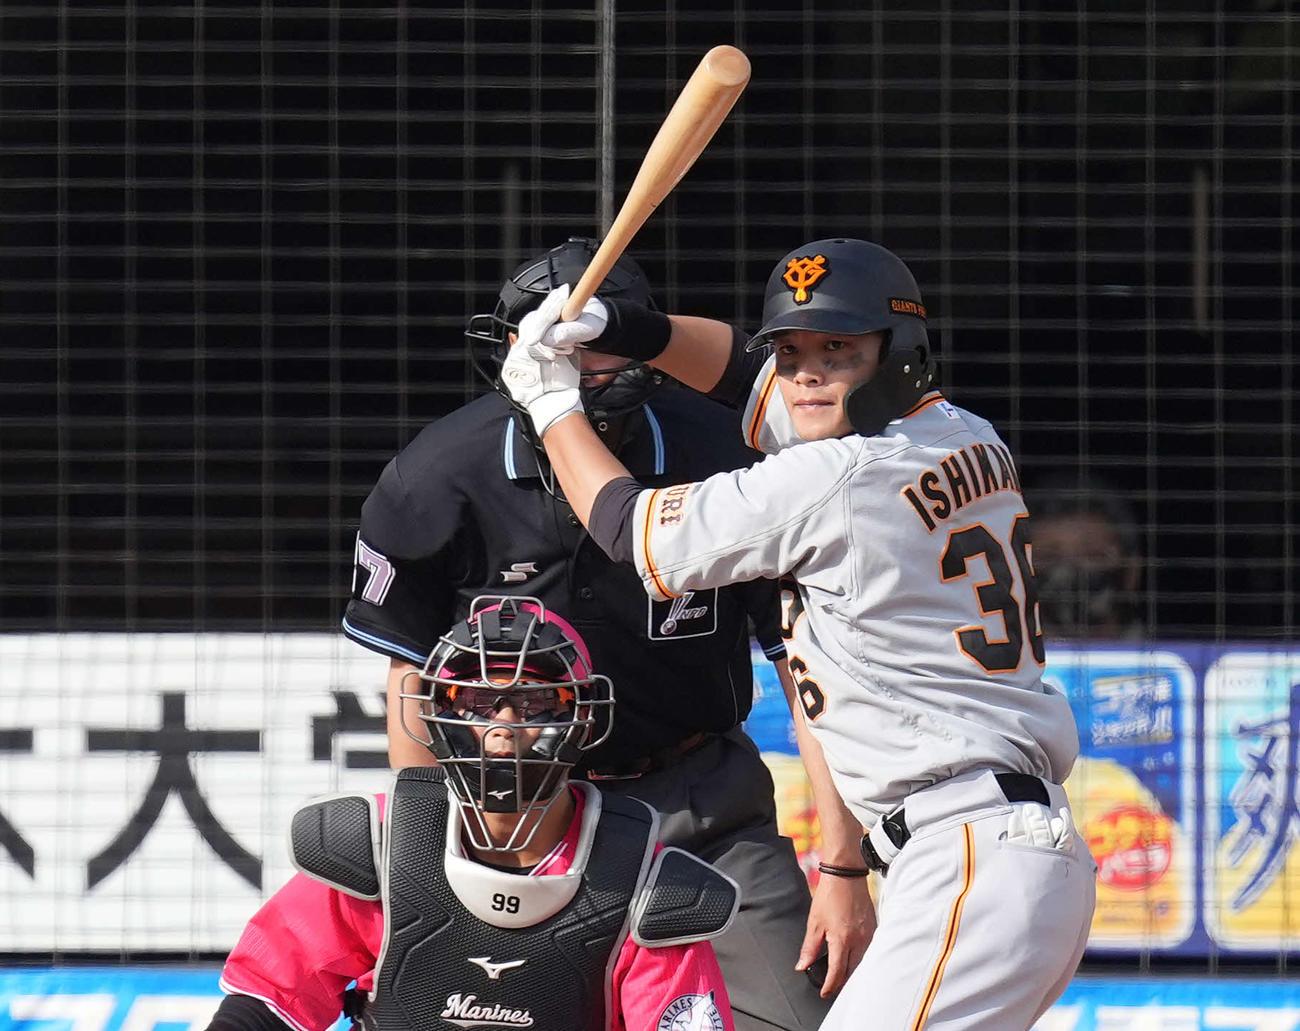 ロッテ対巨人 6回表、打席に立つ巨人石川慎吾 打撃フォーム=2021年6月13日